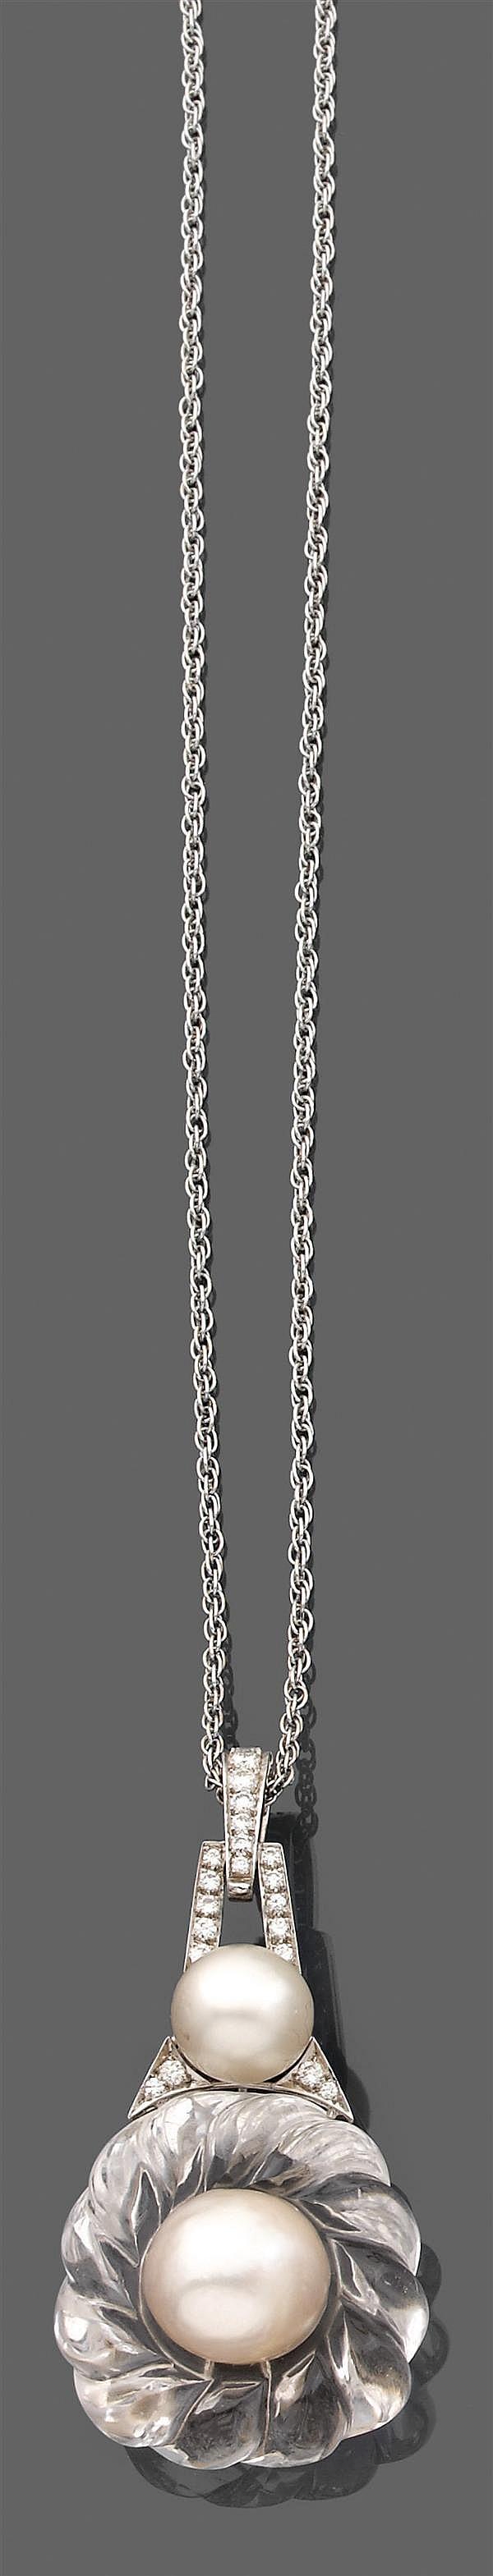 WEBB Années 1990 Pendentif en or gris 14K et platine. Il se compose d'un motif de cristal de roche godronné rehaussé de deux perles ...